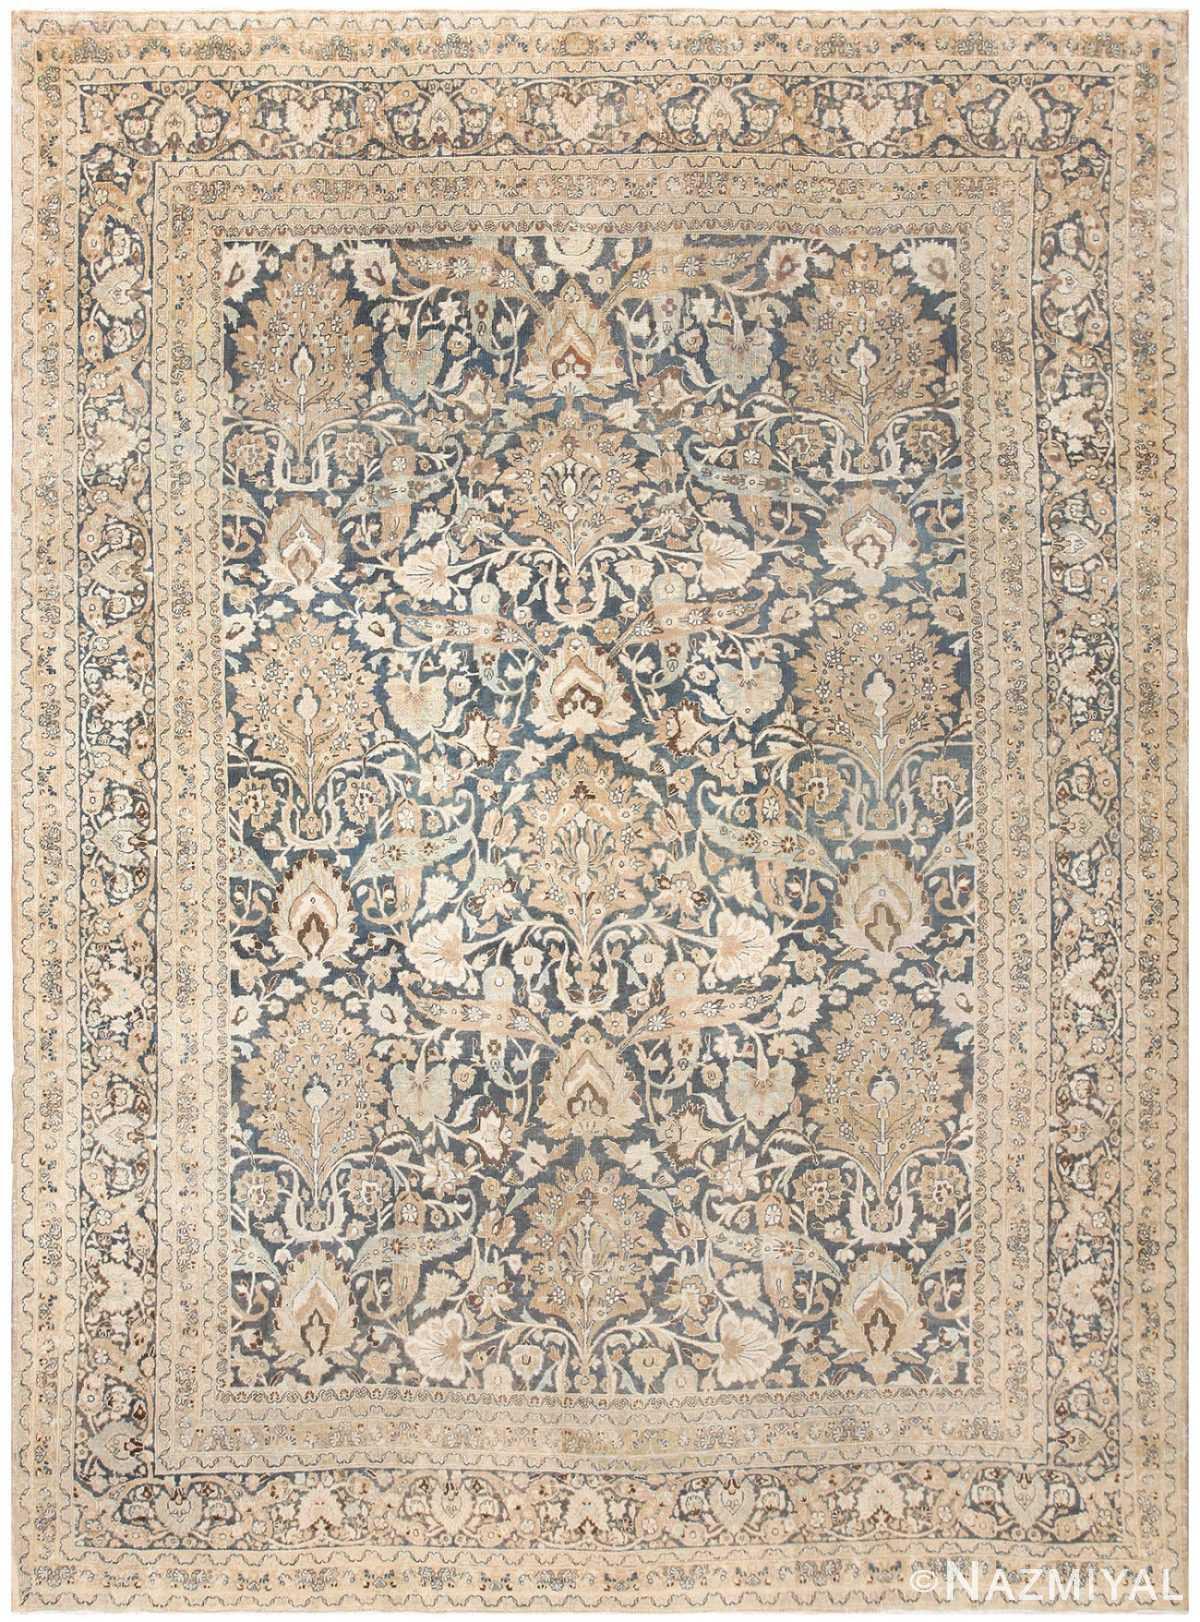 Antique Persian Khorassan Carpet 40303 Nazmiyal